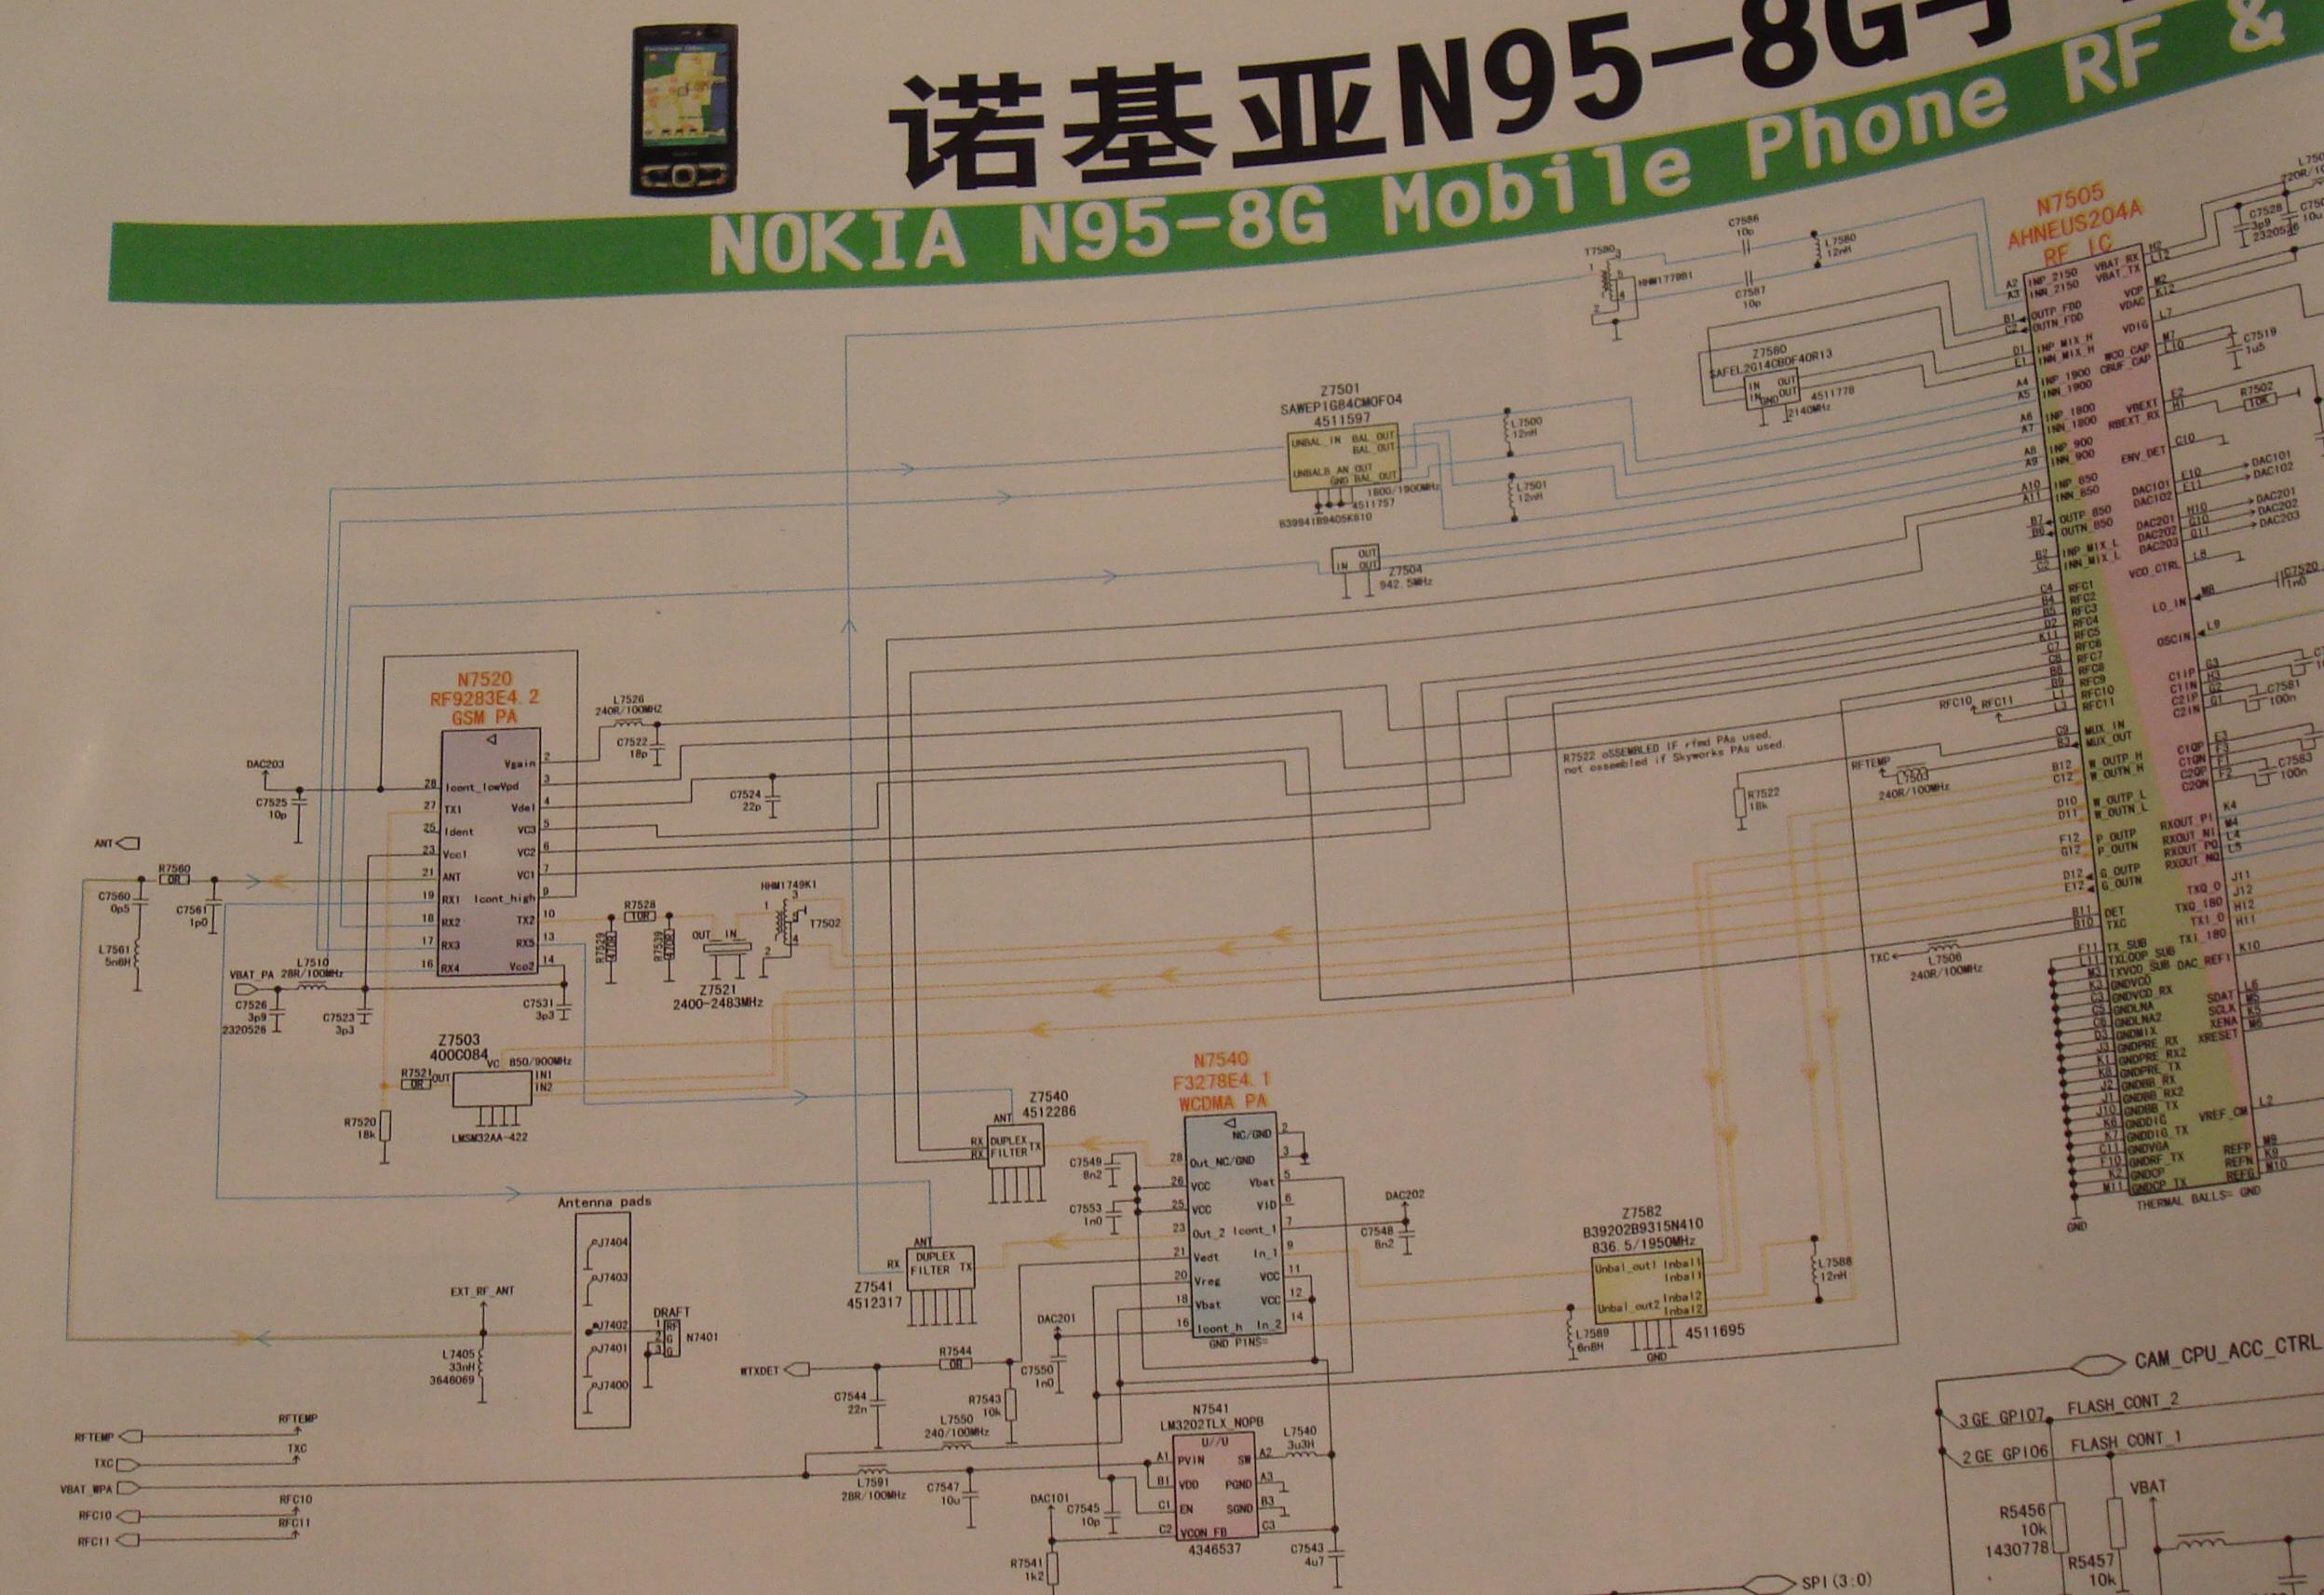 Nokia Schematics! « bunnie's blog on